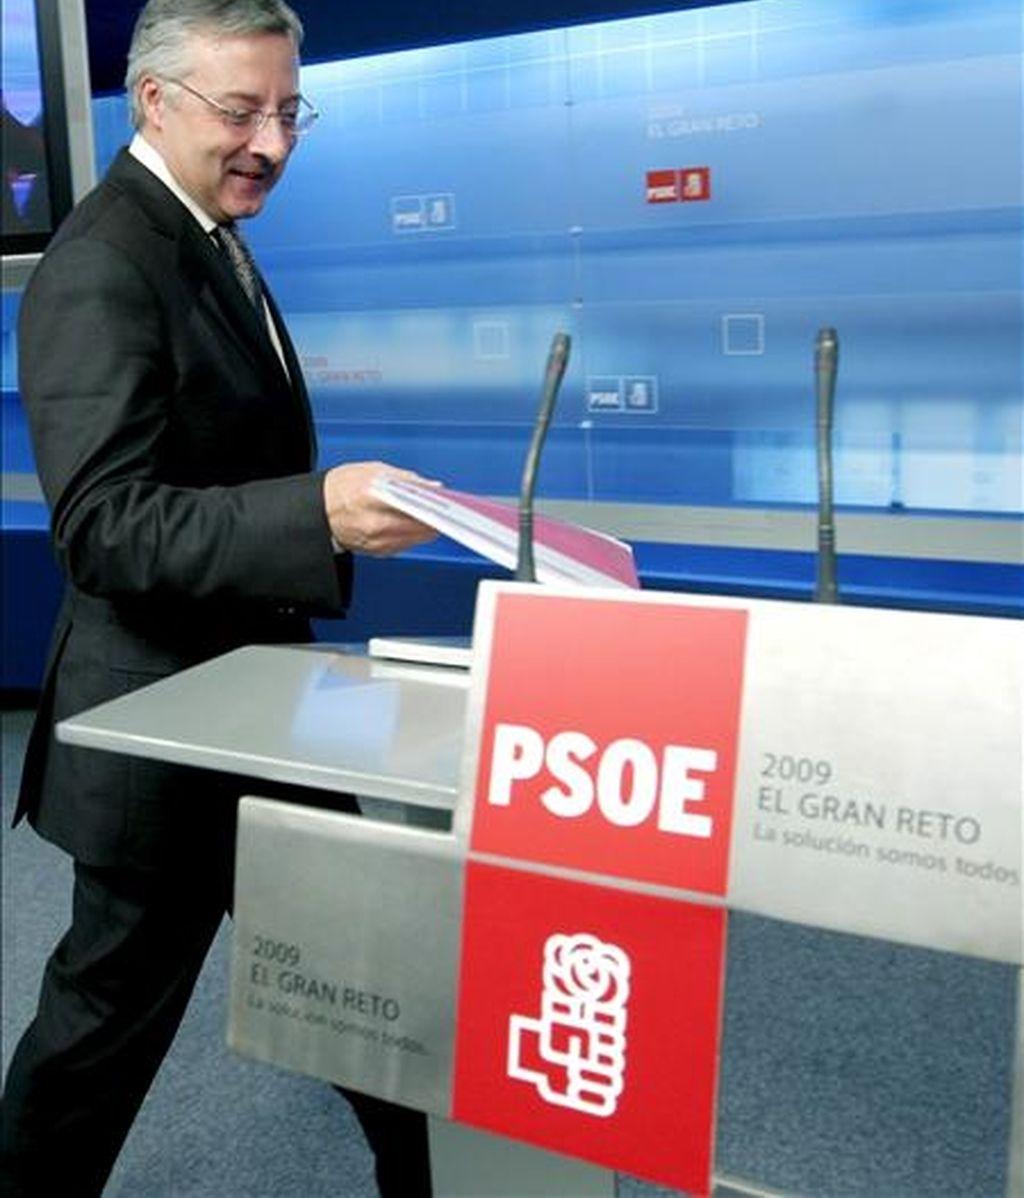 El vicesecretario general del PSOE, José Blanco, antes de la rueda de prensa que ofreció el pasado 26 de enero, tras la reunión de la Comisión Ejecutiva Federal. EFE